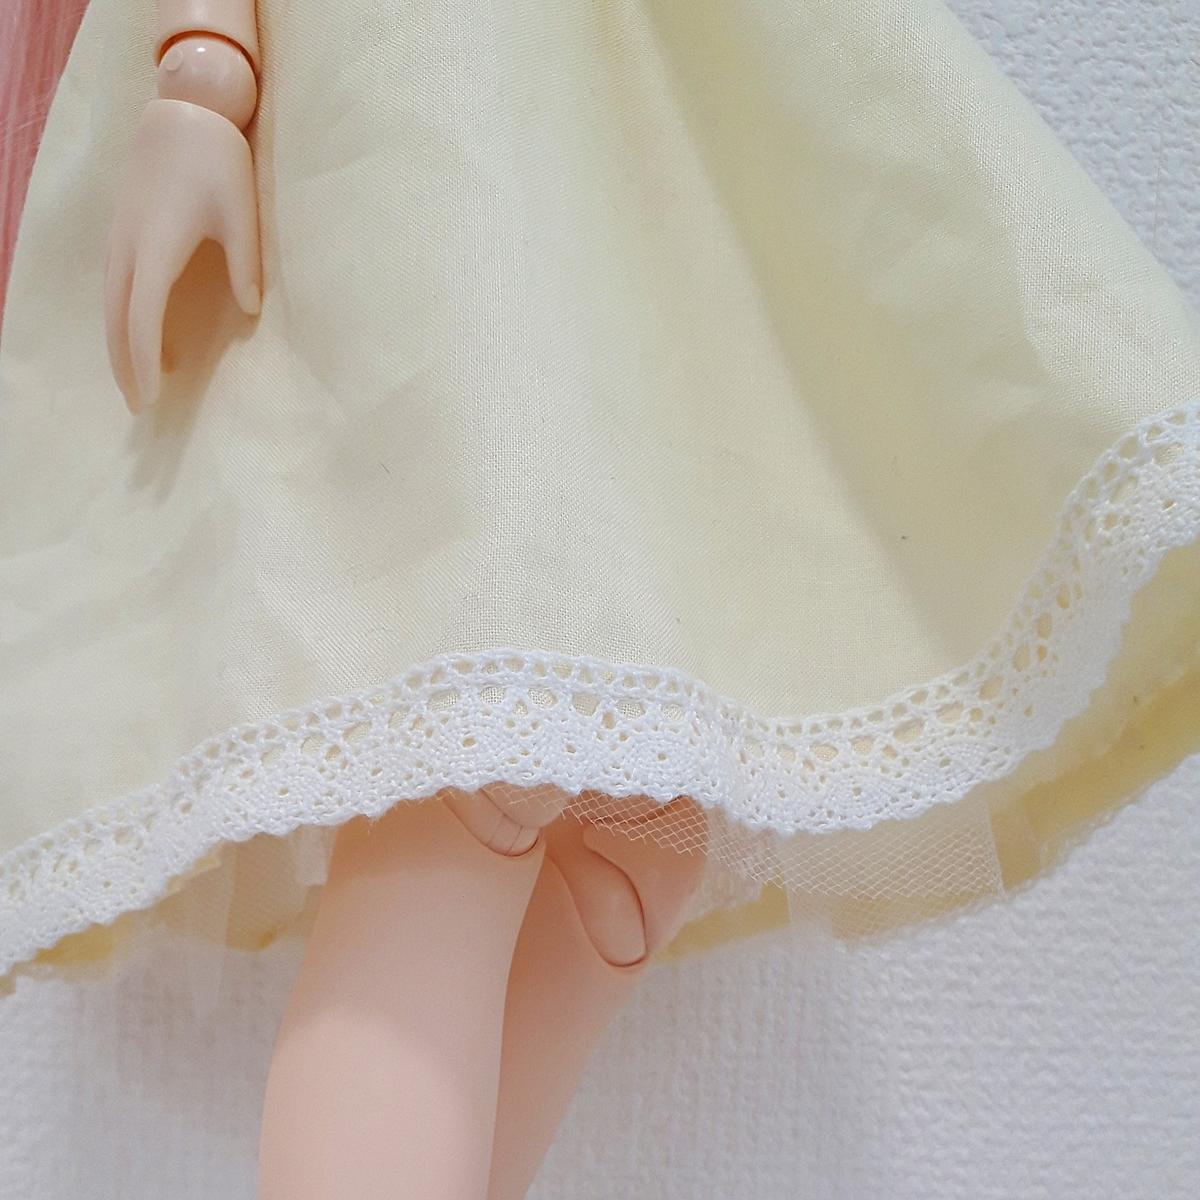 f:id:misami-33:20200605180018j:plain